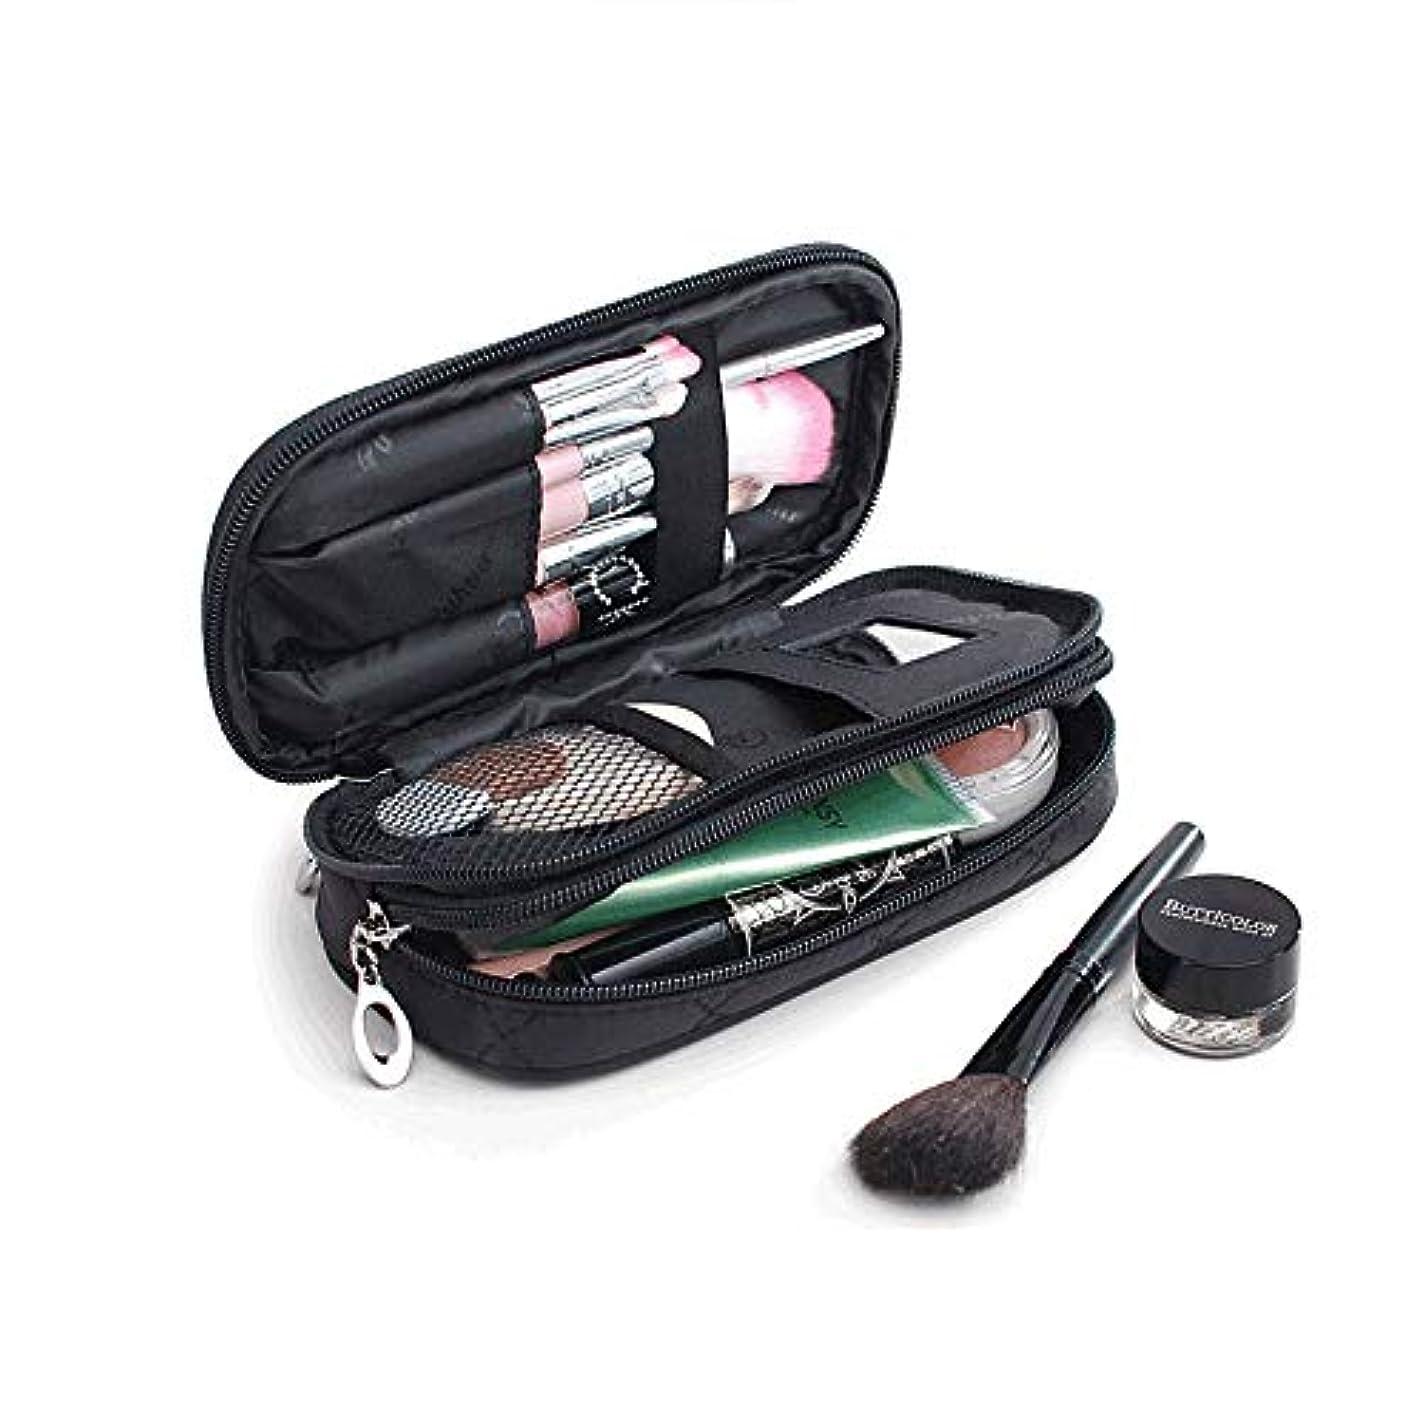 多様体取るに足らないサイレントサントレード 化粧ポーチ 鏡付き メイクアップバッグ 化粧バッグ 小物入れ 収納 オーガナイザー